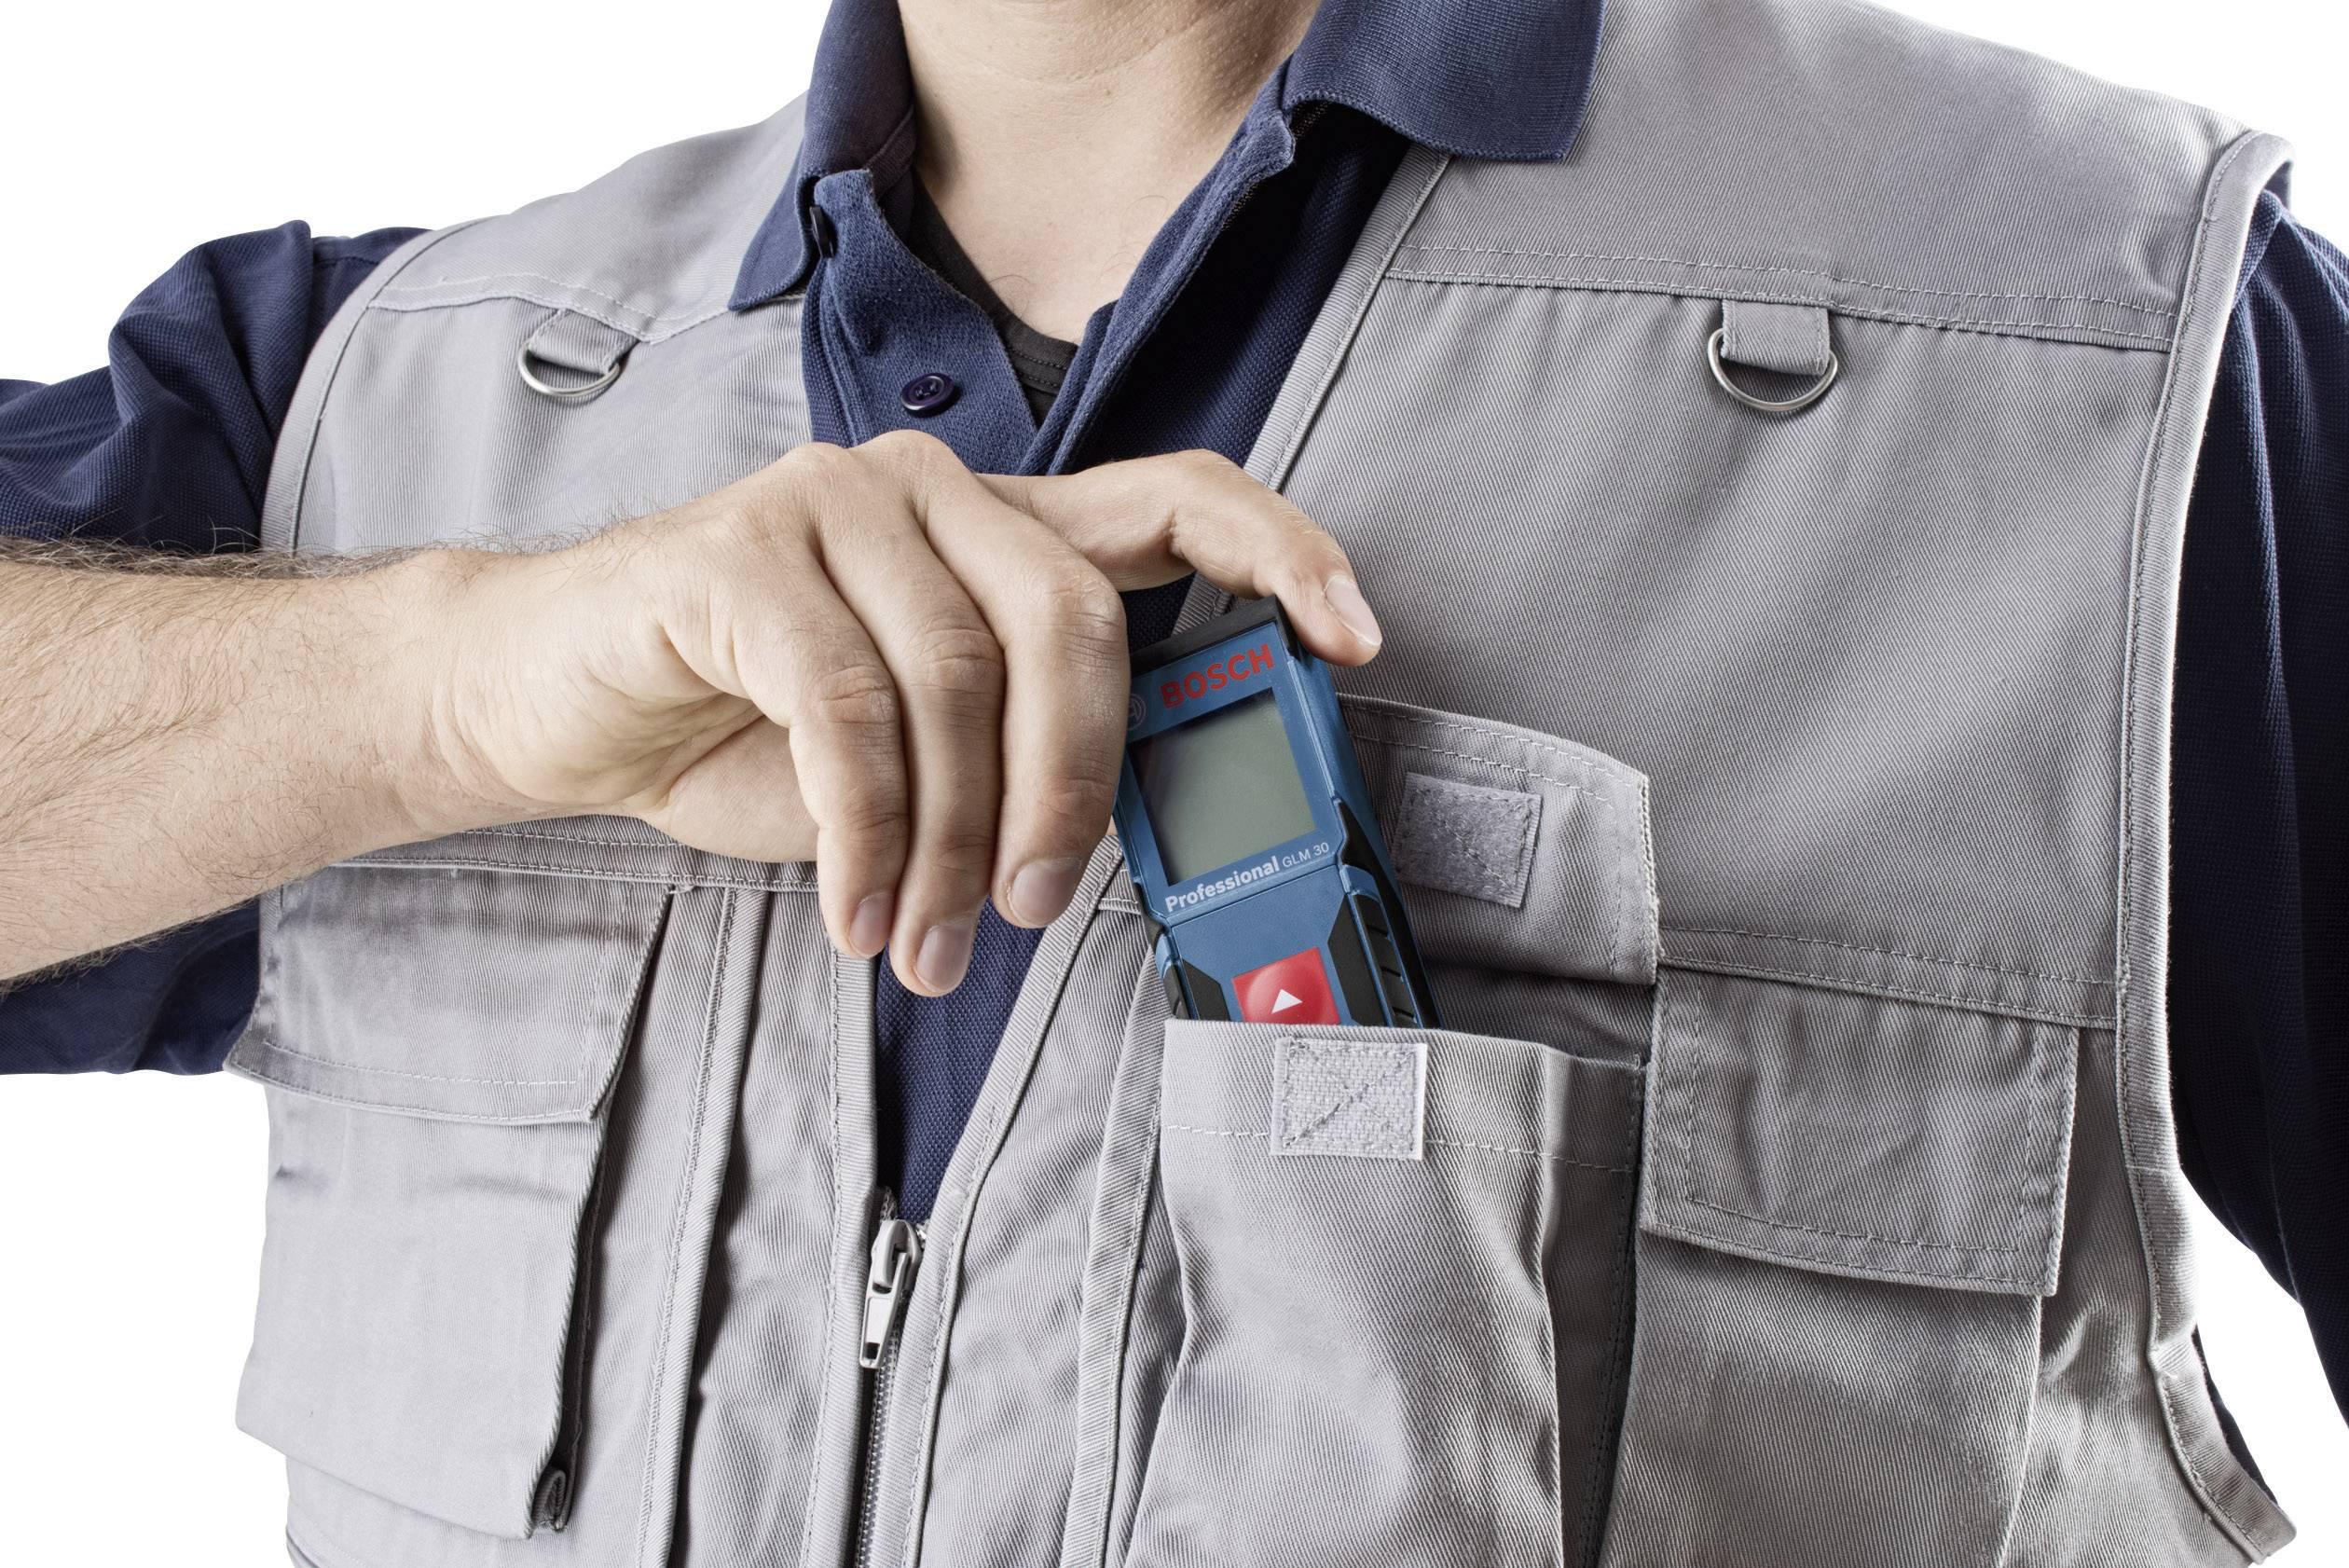 Bosch Entfernungsmesser Plr 30 : Bosch professional glm laser entfernungsmesser messbereich max